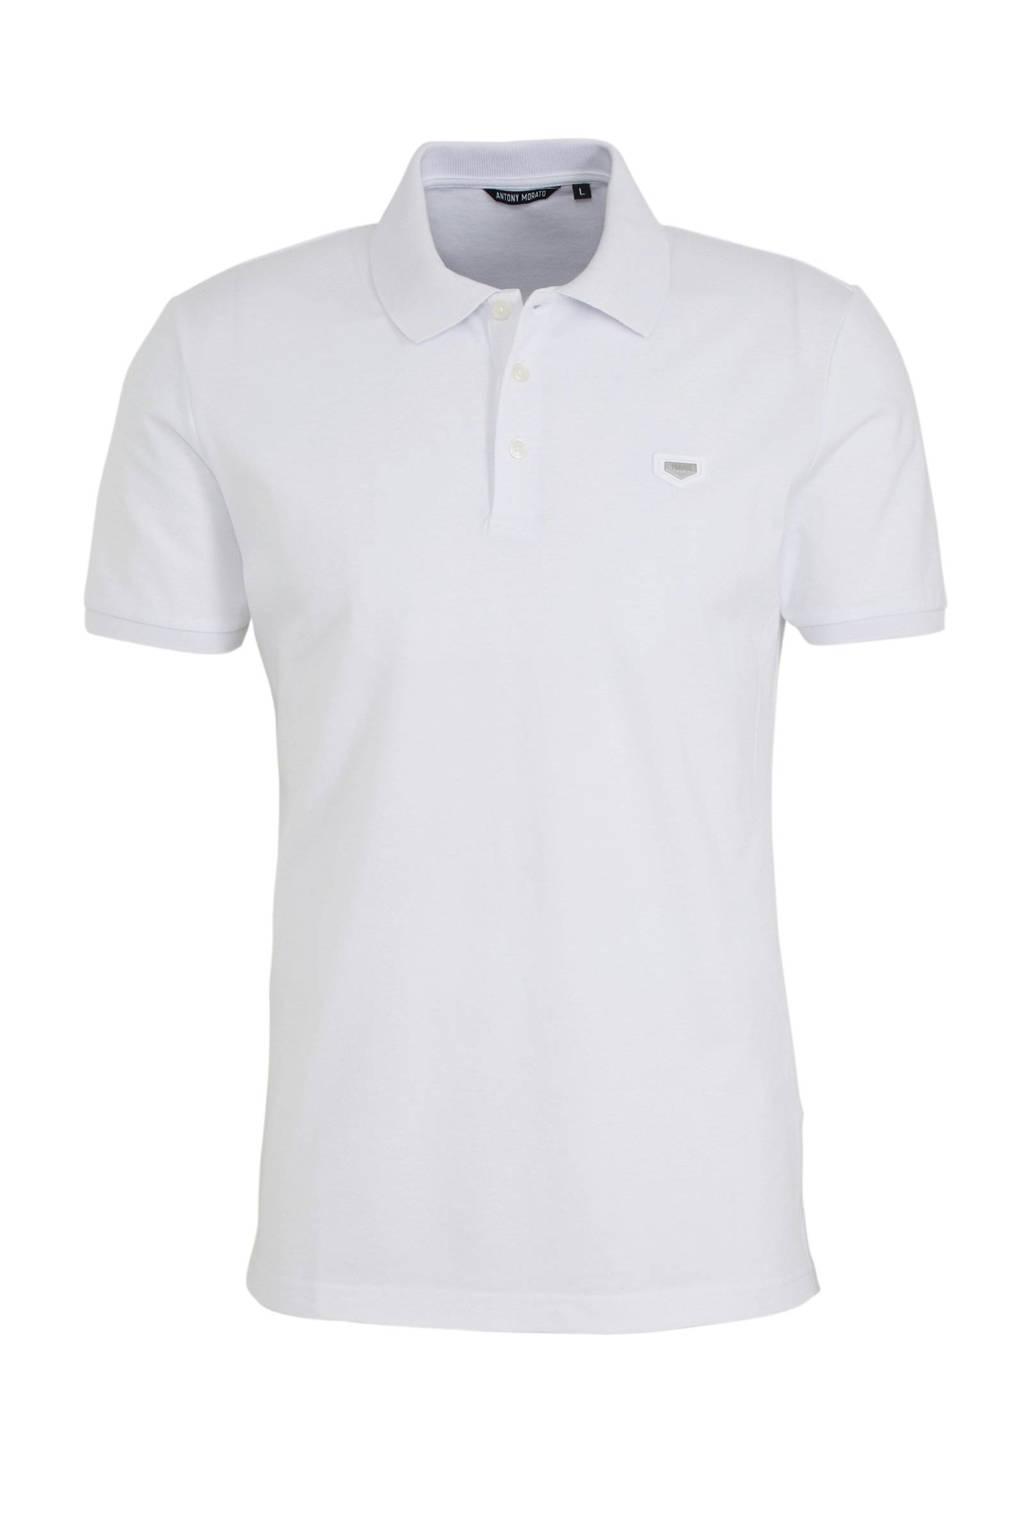 Antony Morato slim fit polo met logo wit, Wit